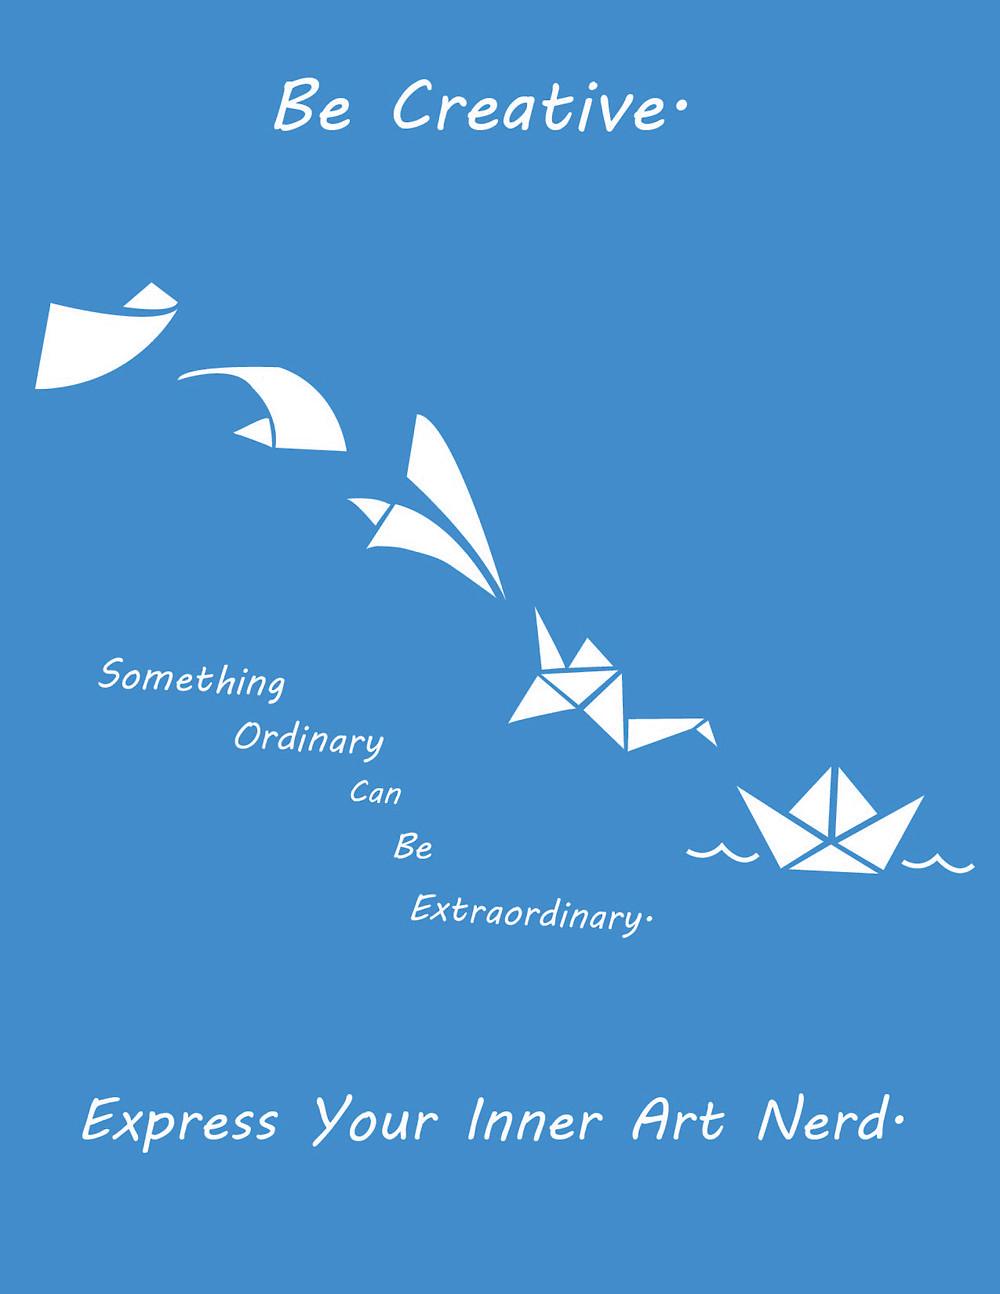 art from ordinary to extraordinary